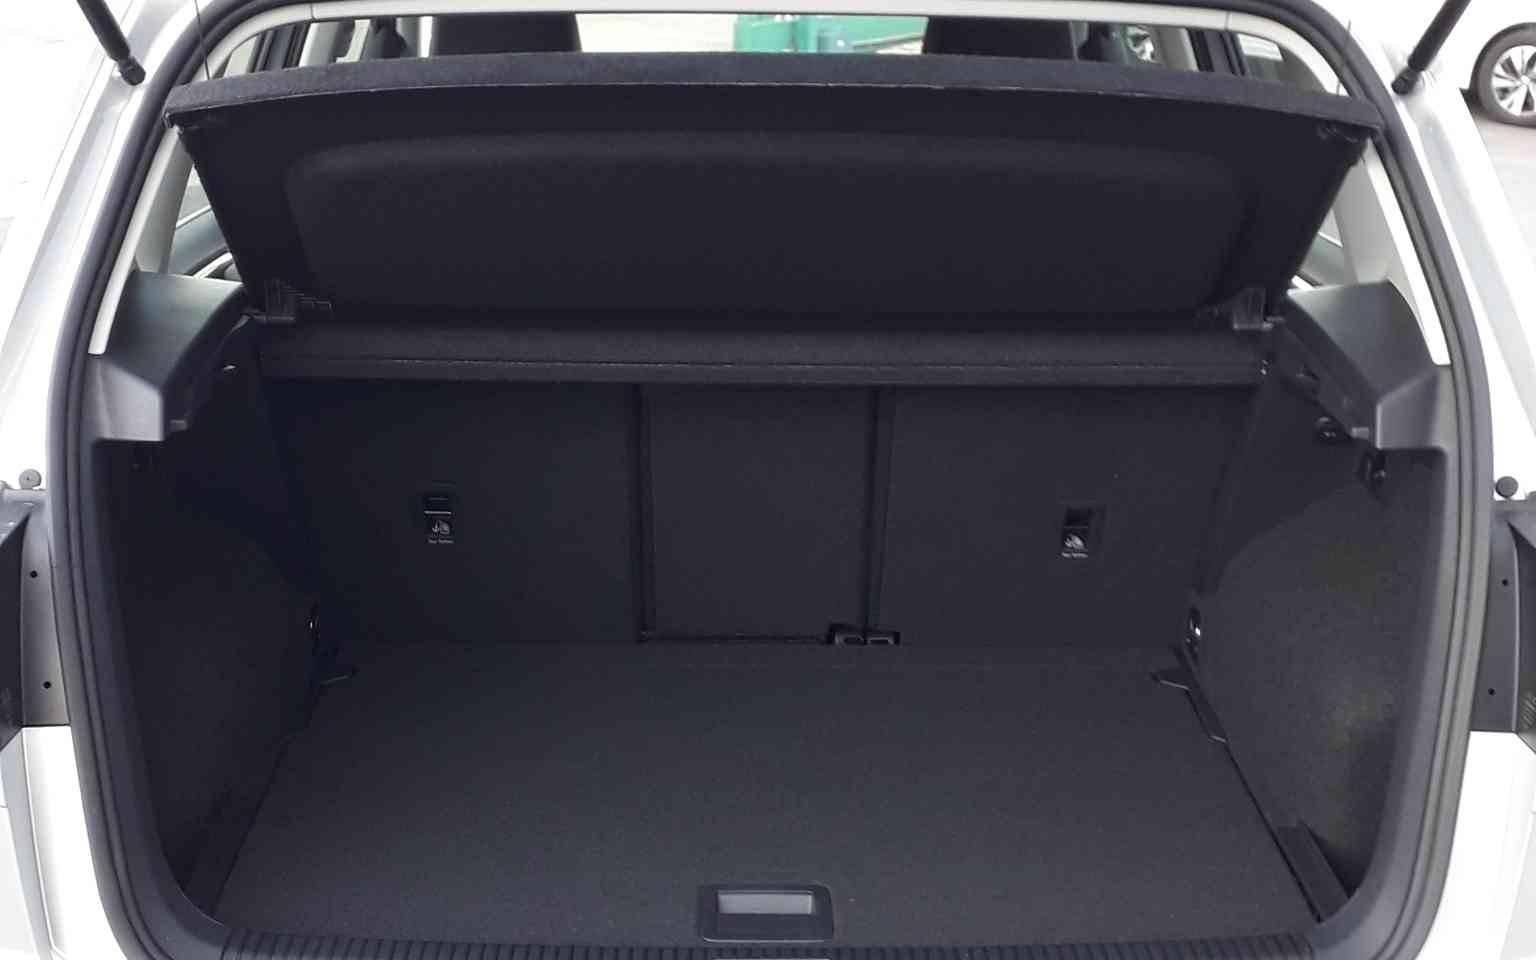 8 - Golf Sportsvan 1.0 TSI 115 BMT BVM6